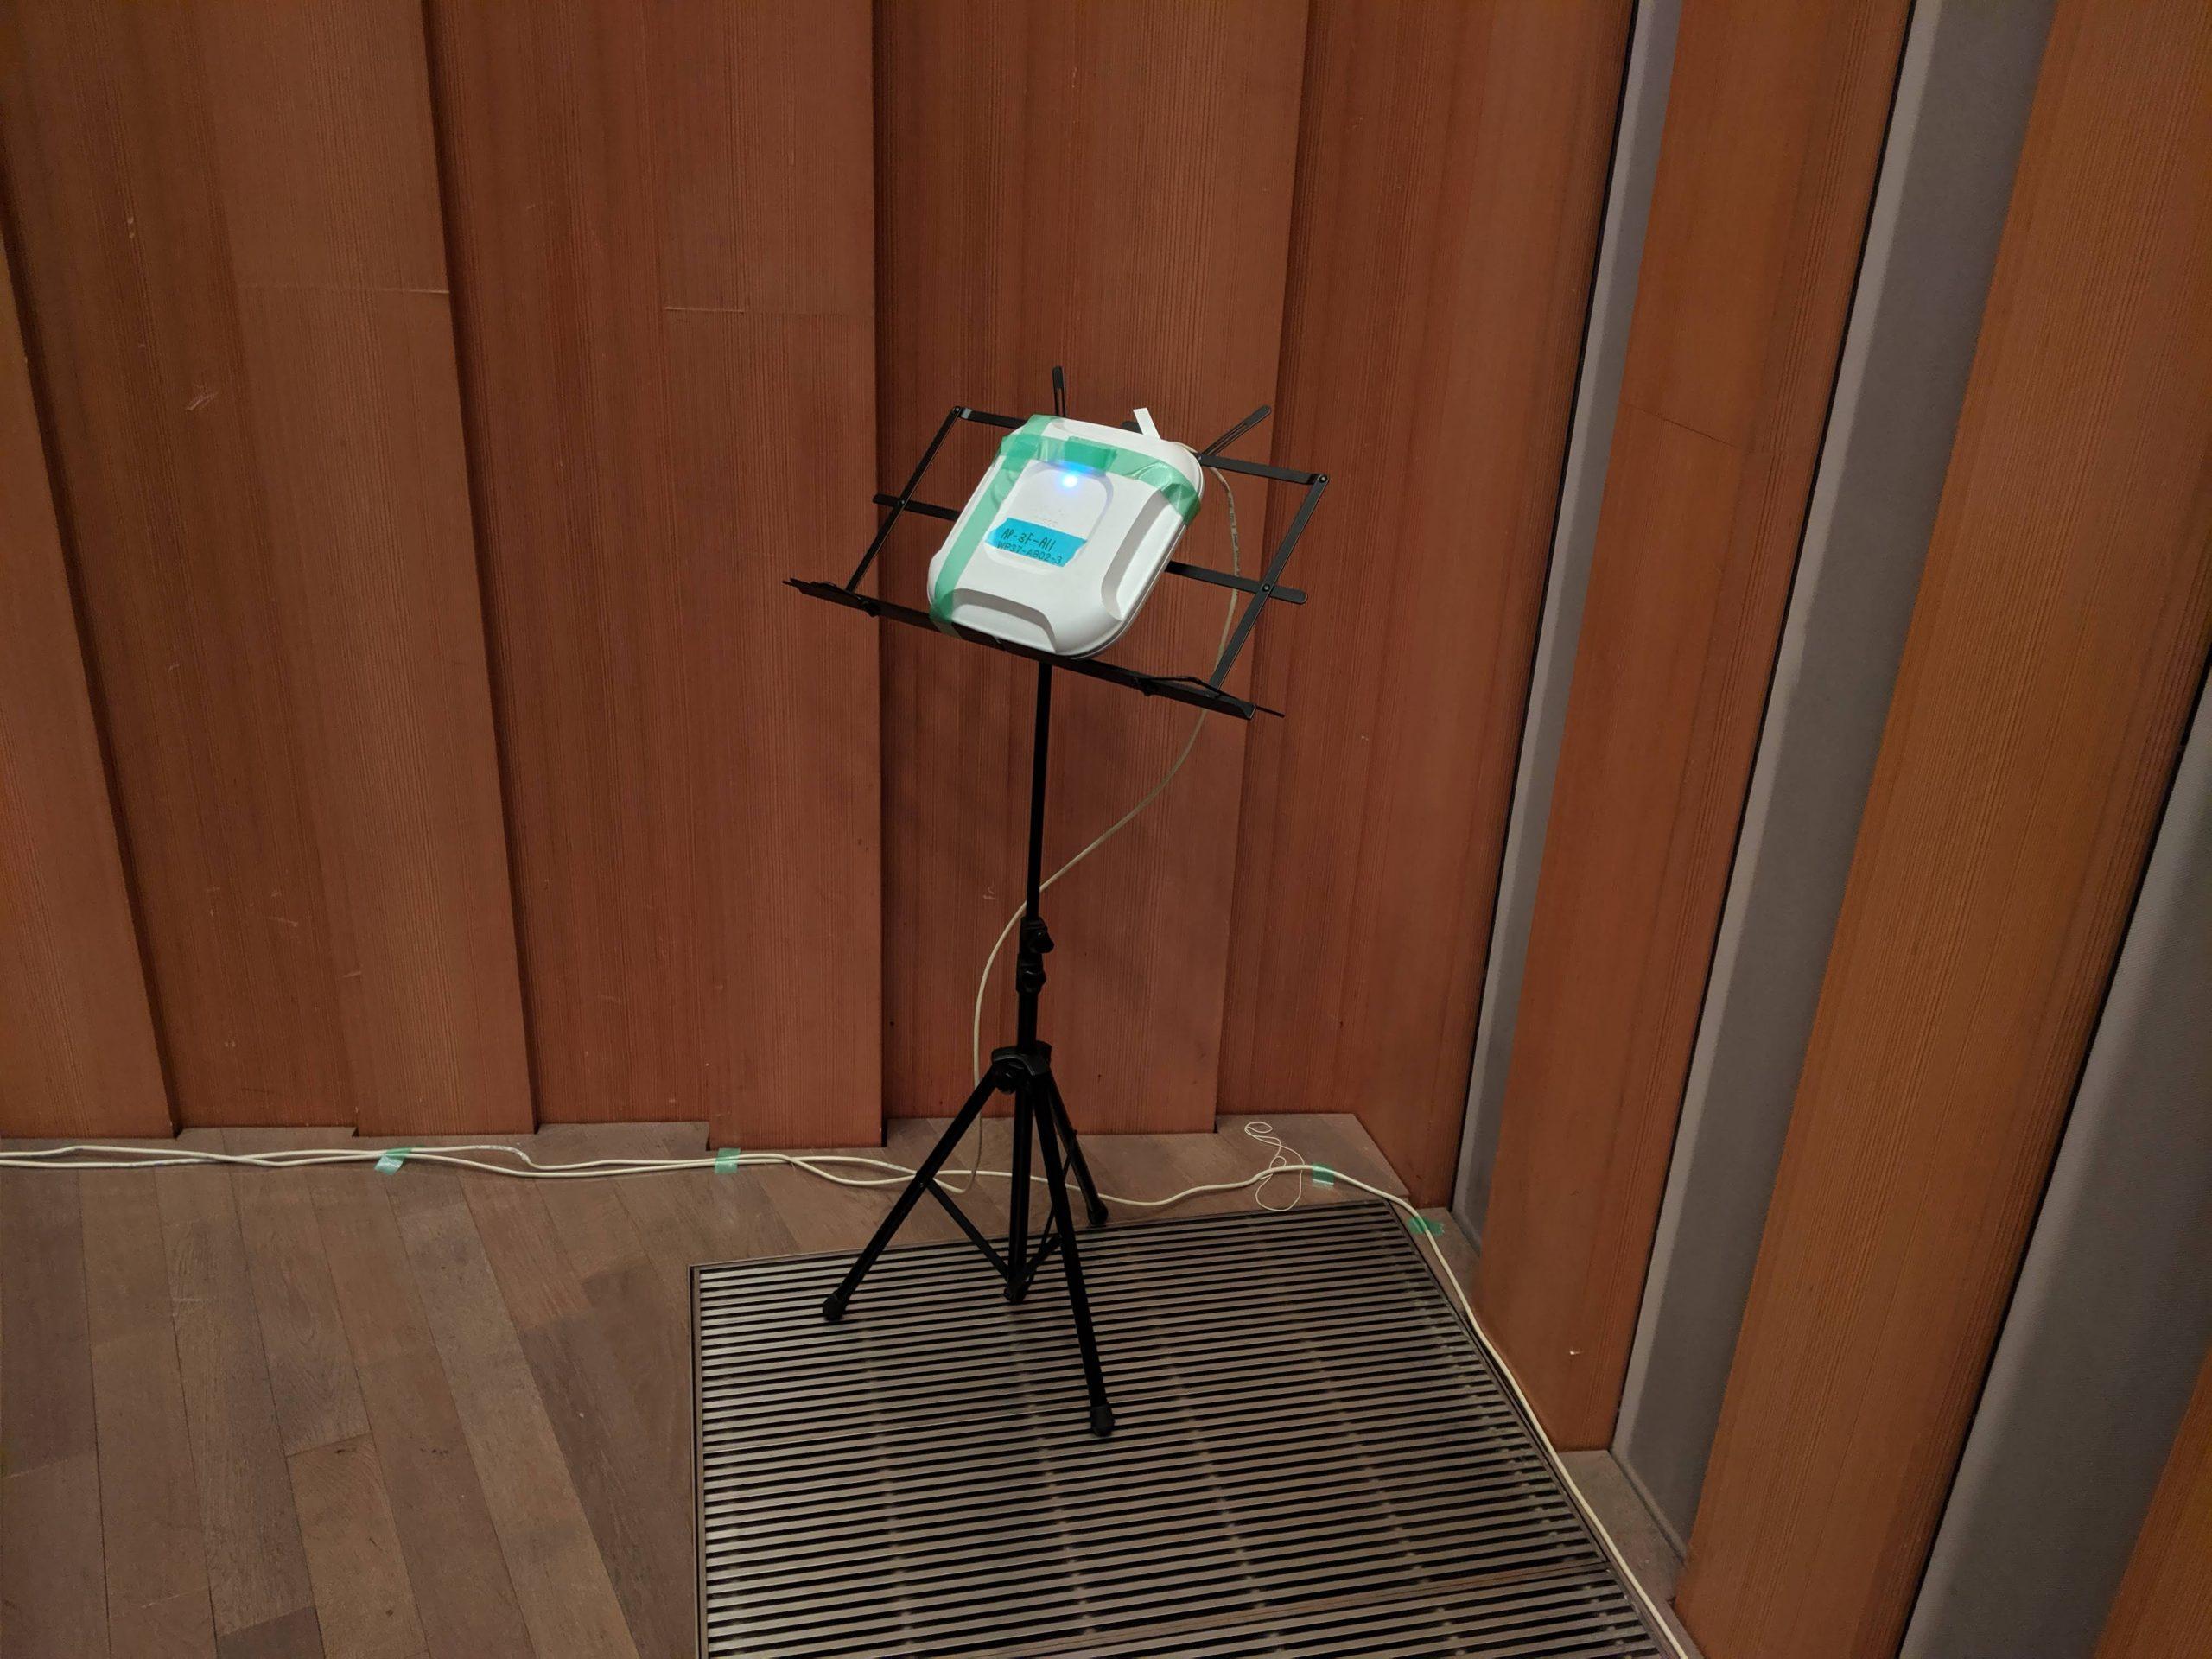 アクセスポイントを譜面台に養生テープを使って固定しています。